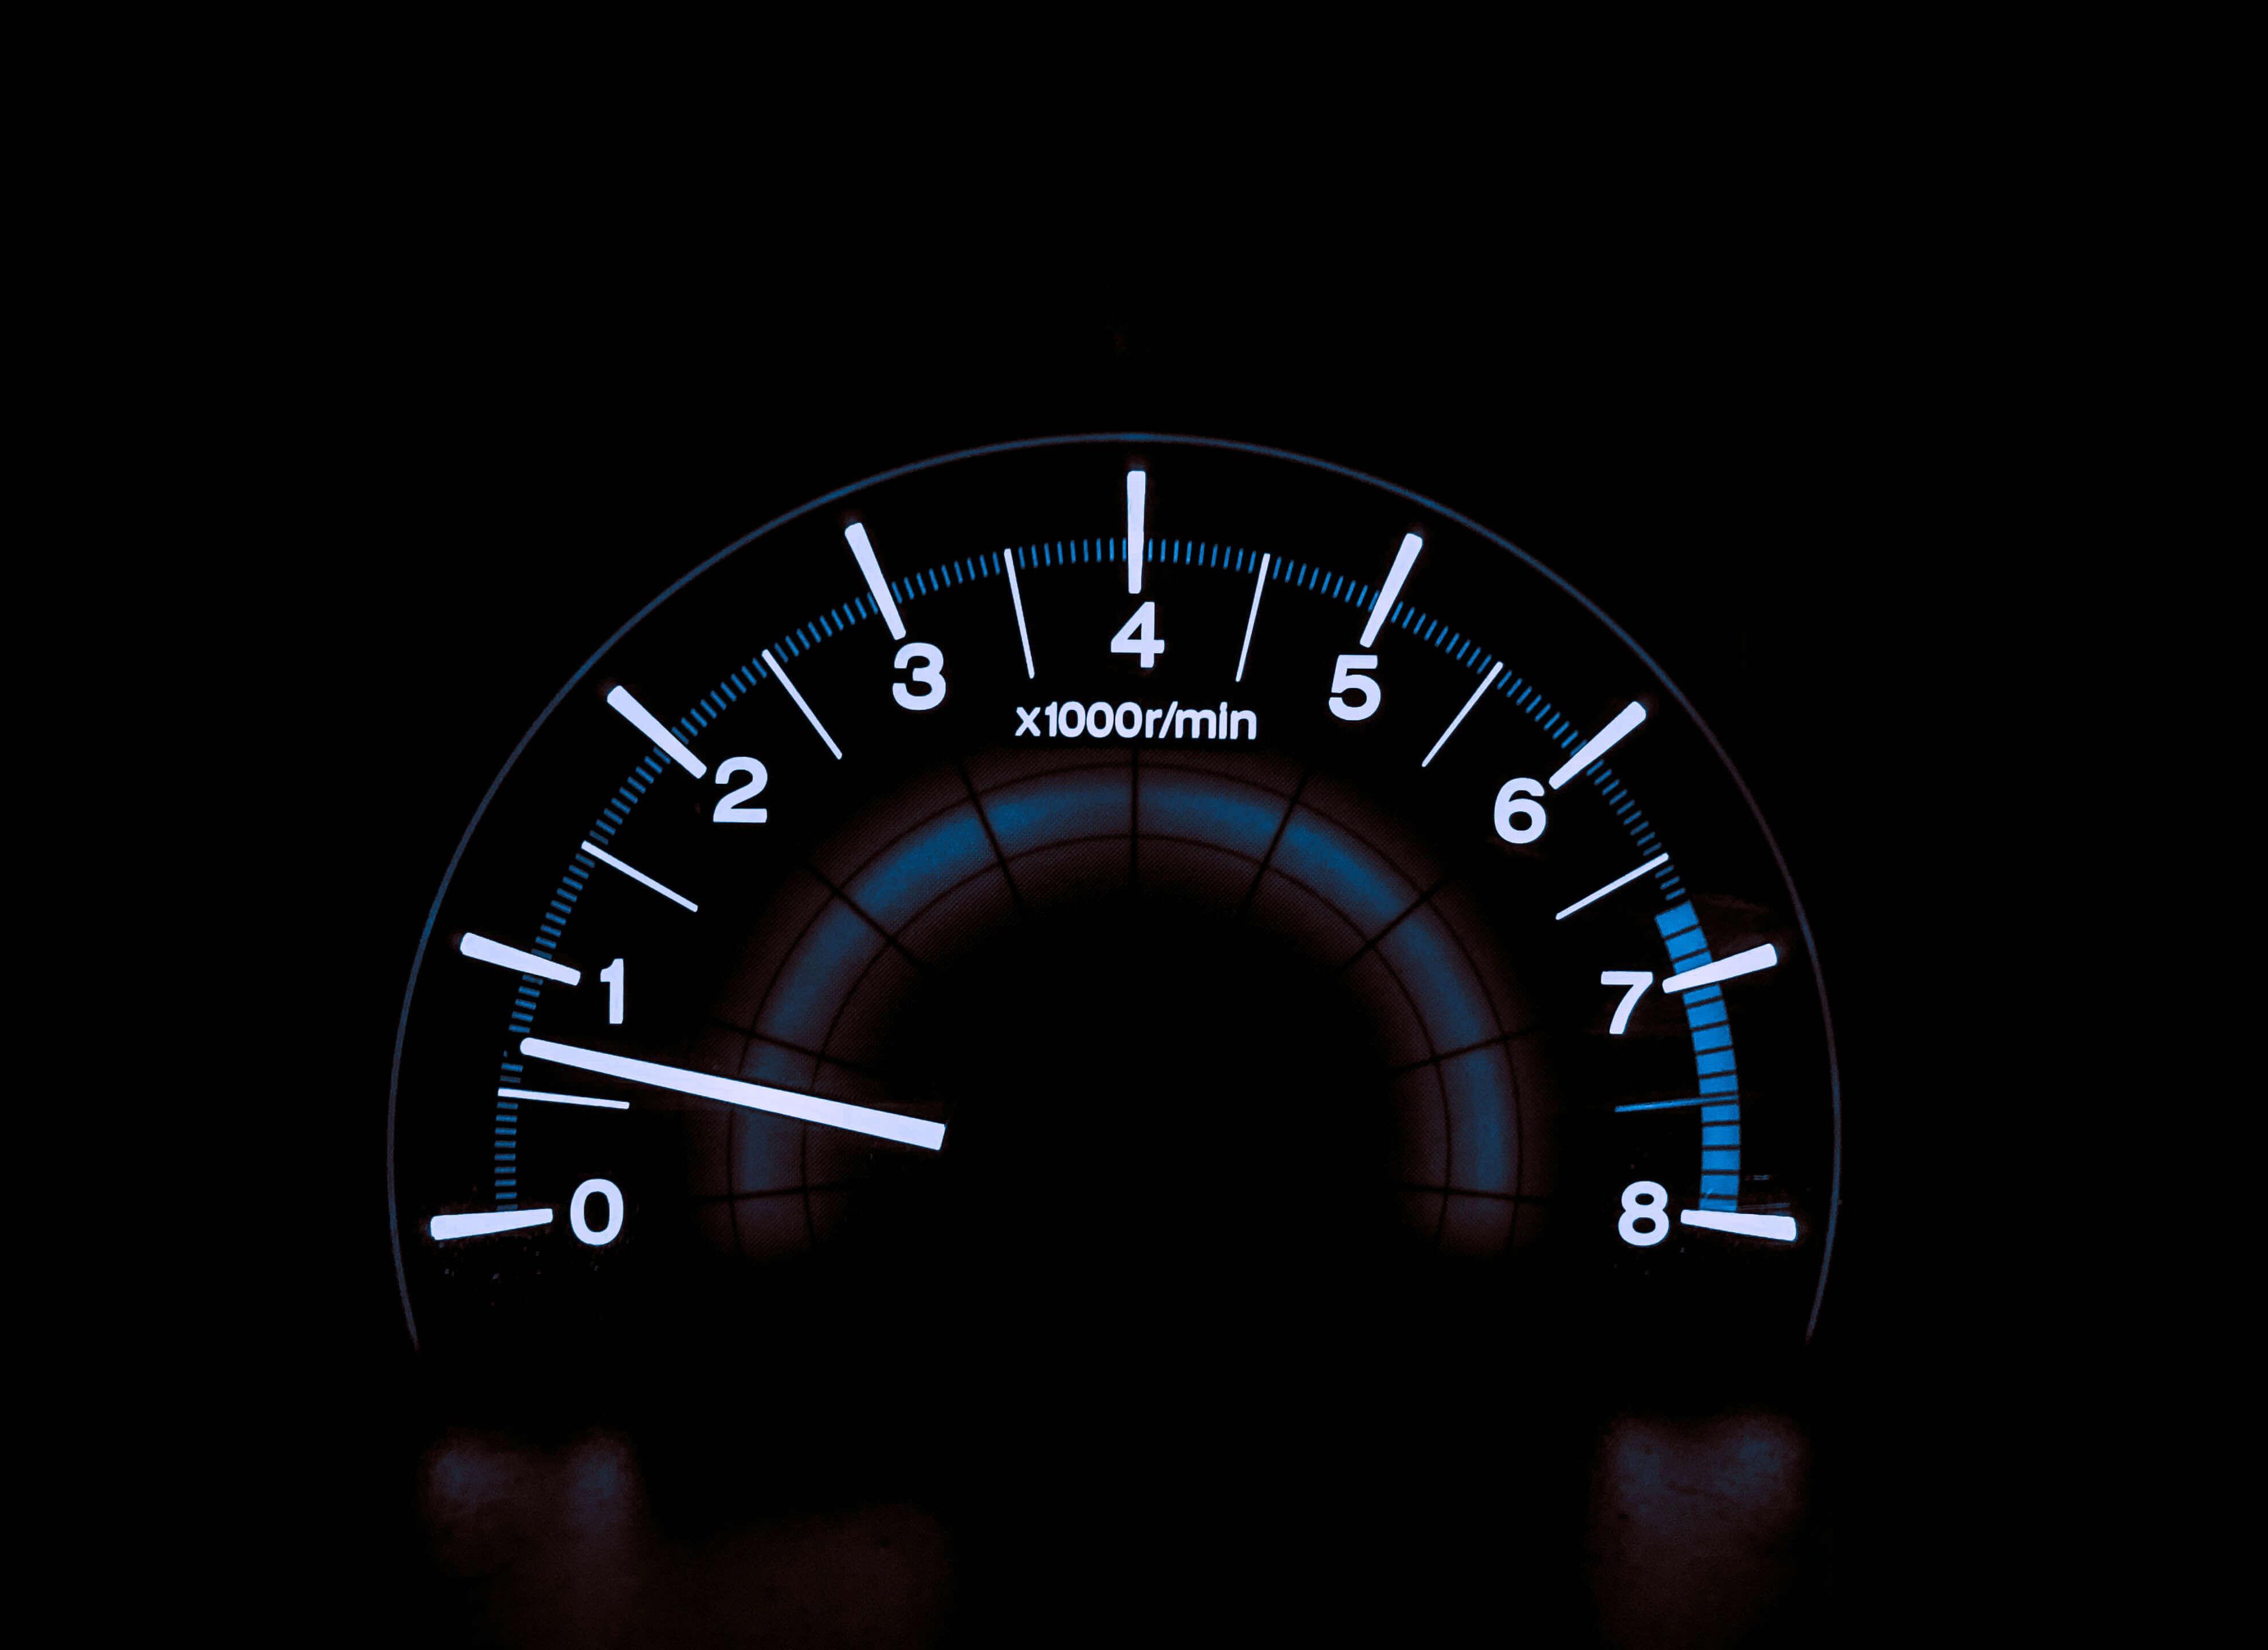 Tachometer - Measure Your AR Success